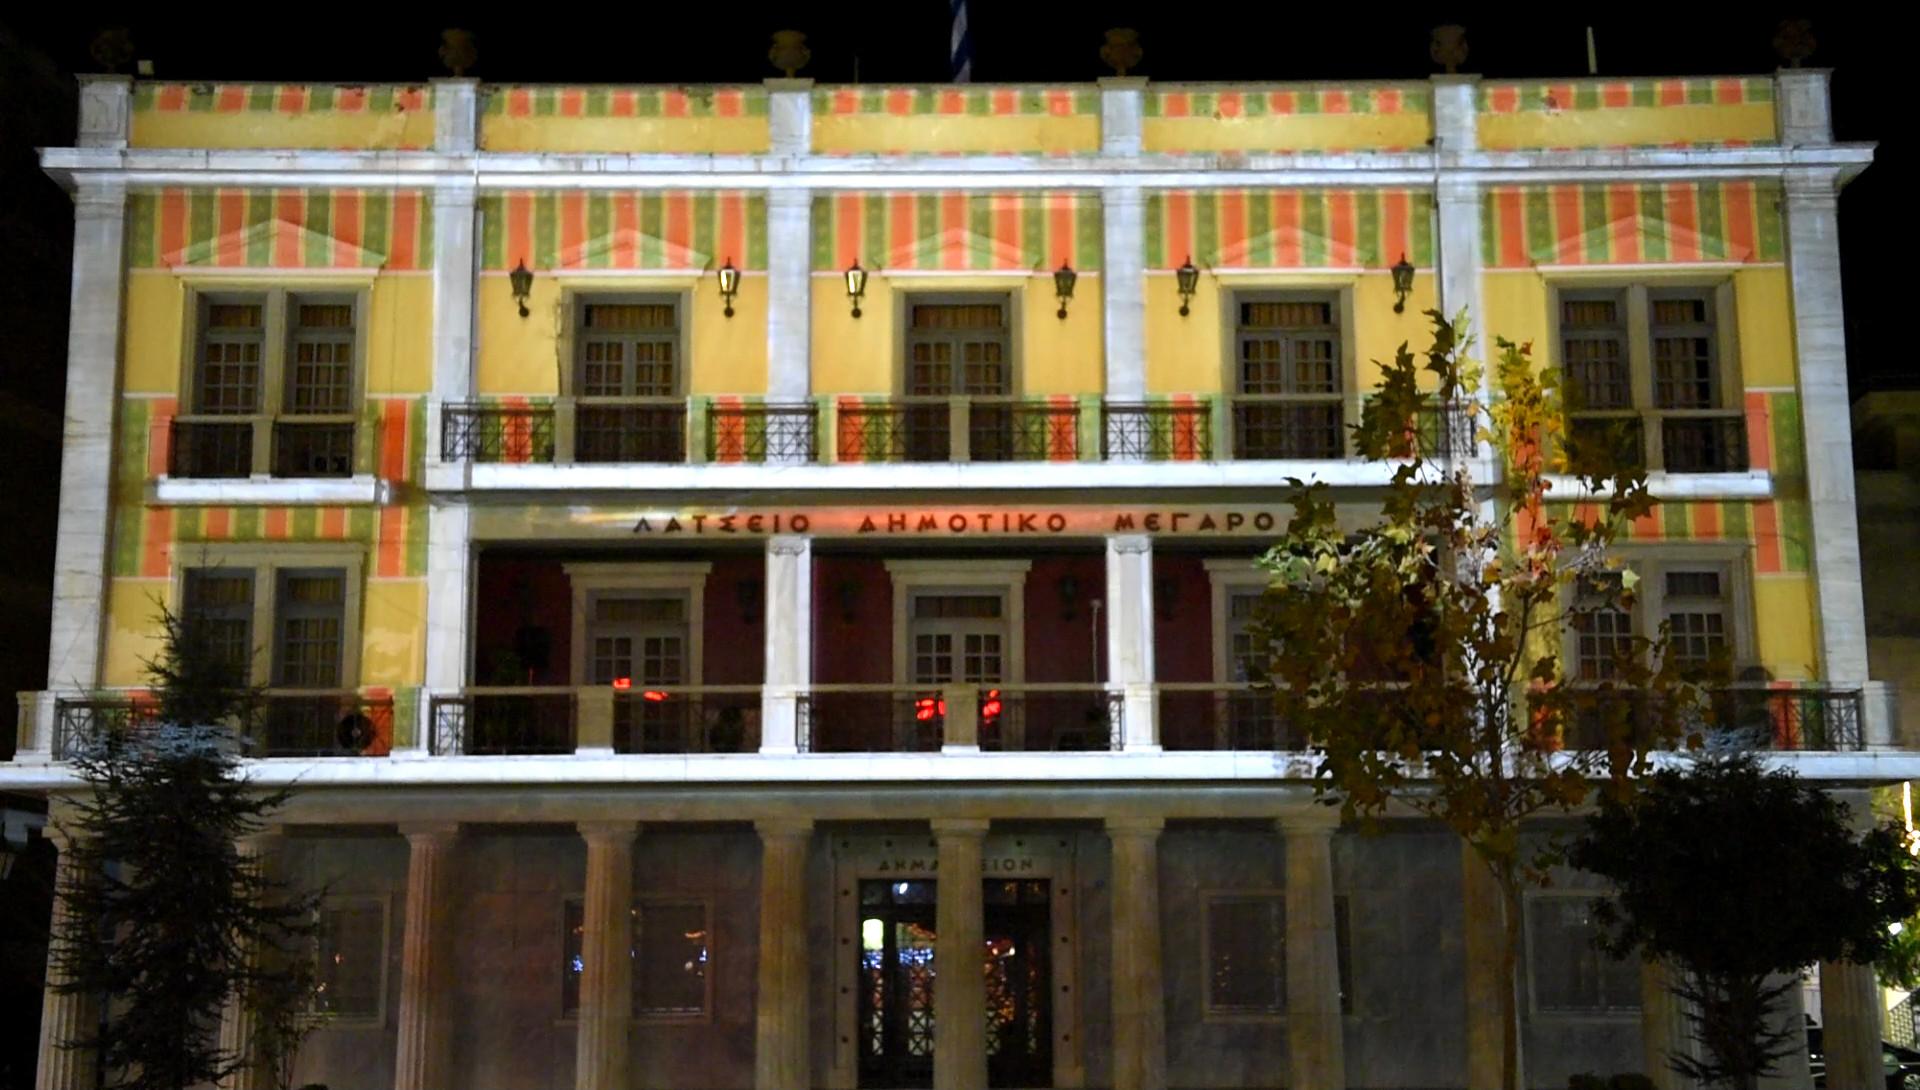 Nikolaos maragkos townhall 009